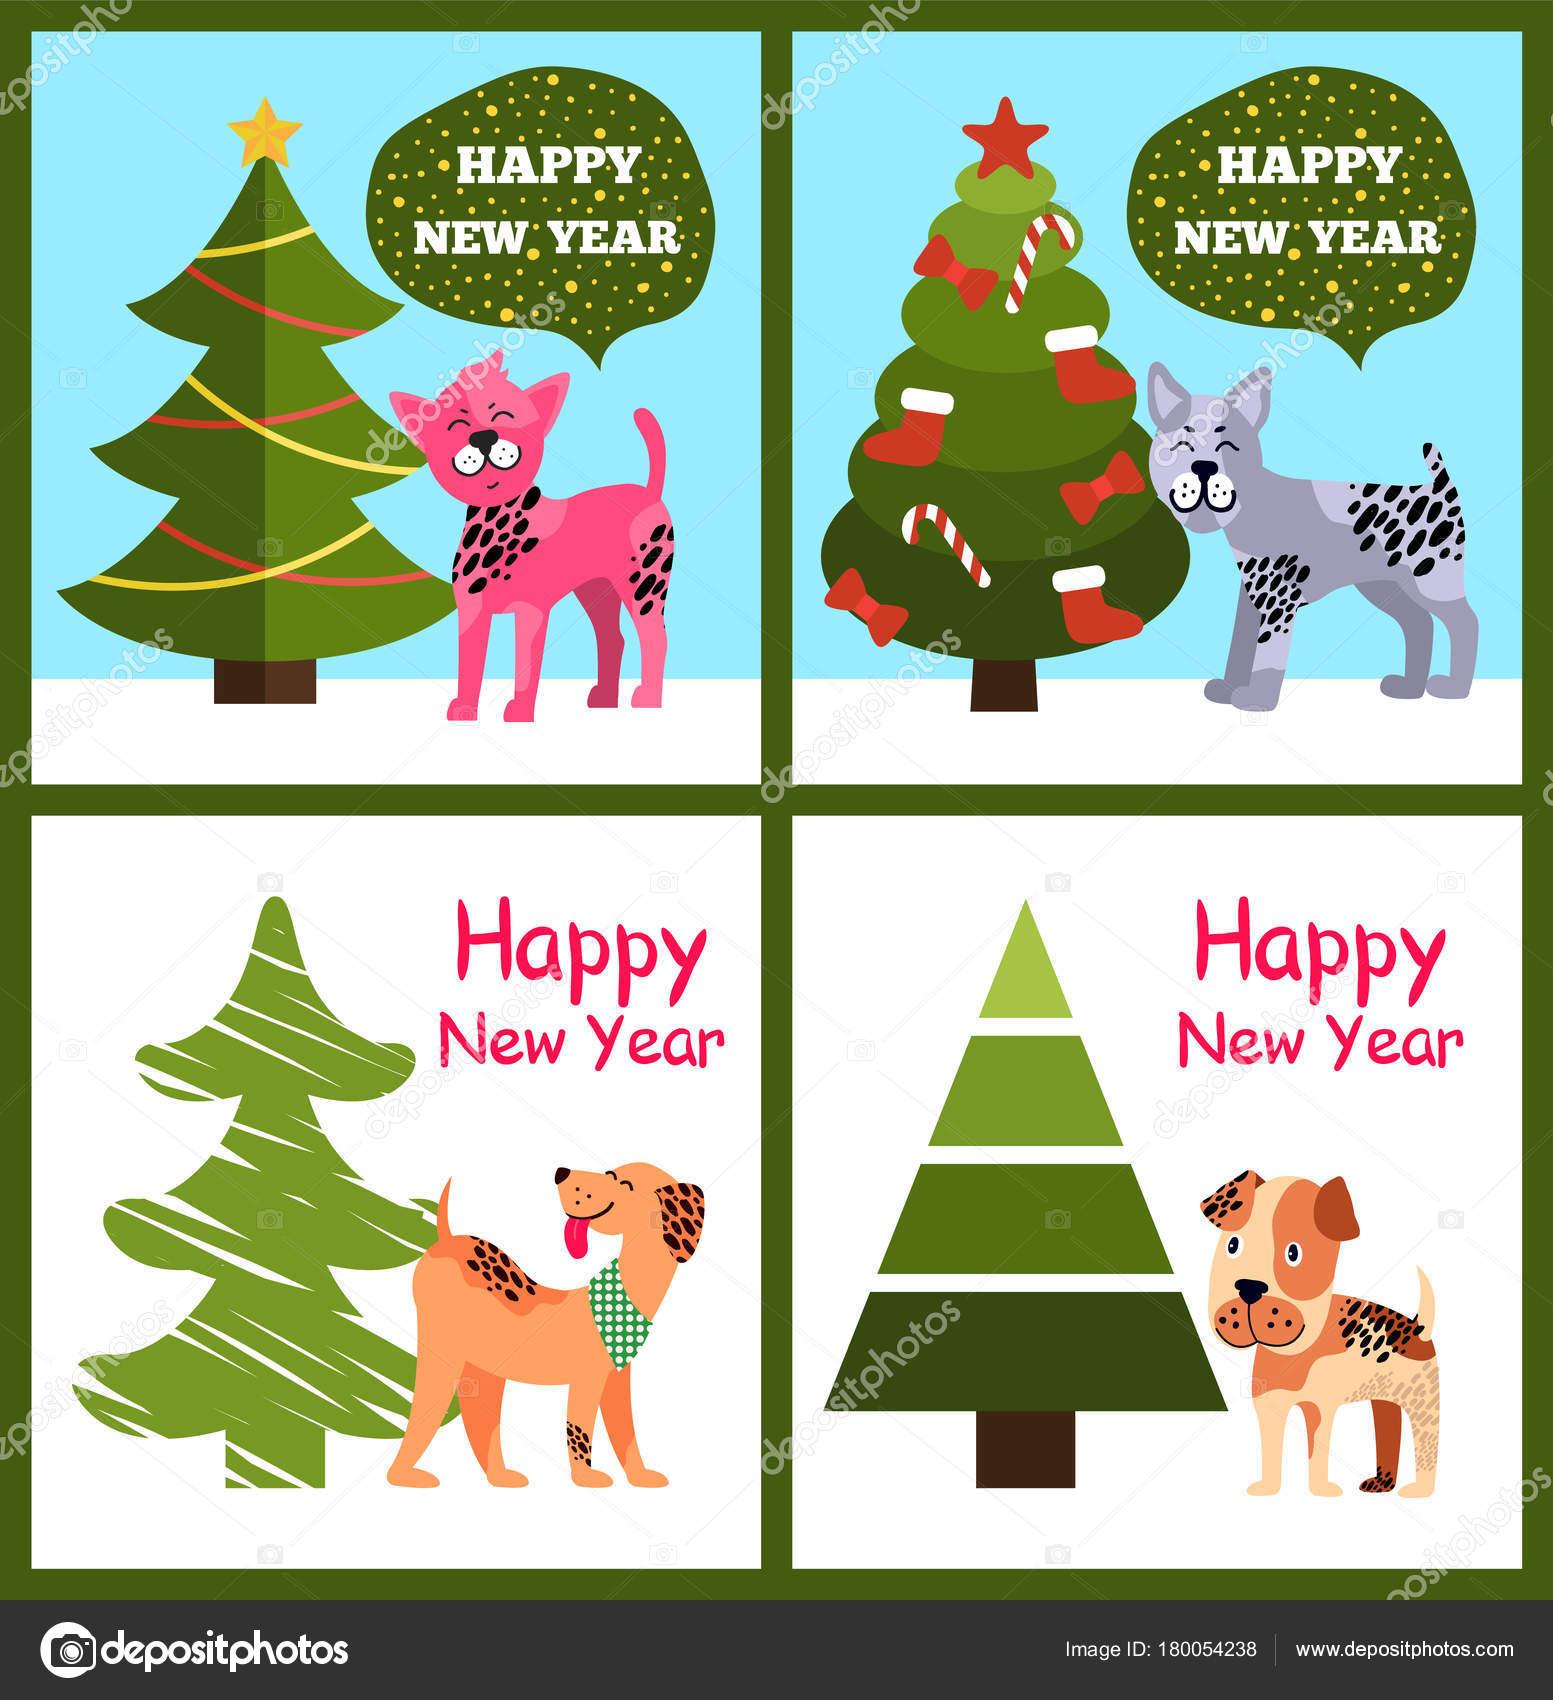 Lustige Cartoon Hunde Wunschen Frohes Neues Jahr In Blase